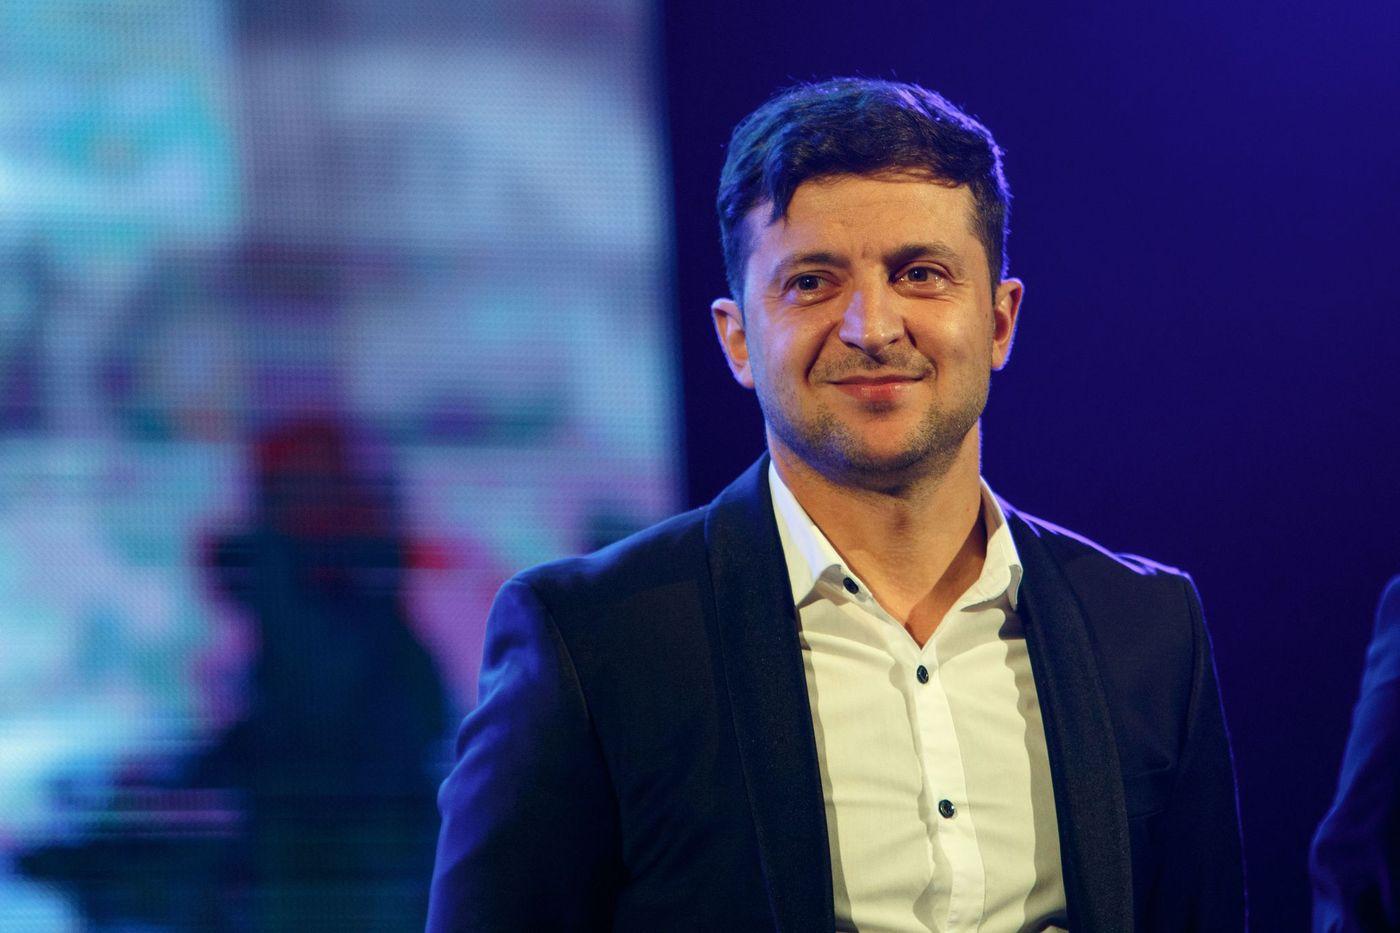 L'Ukraine inaugure un avenir numérique avec le bitcoin (BTC)